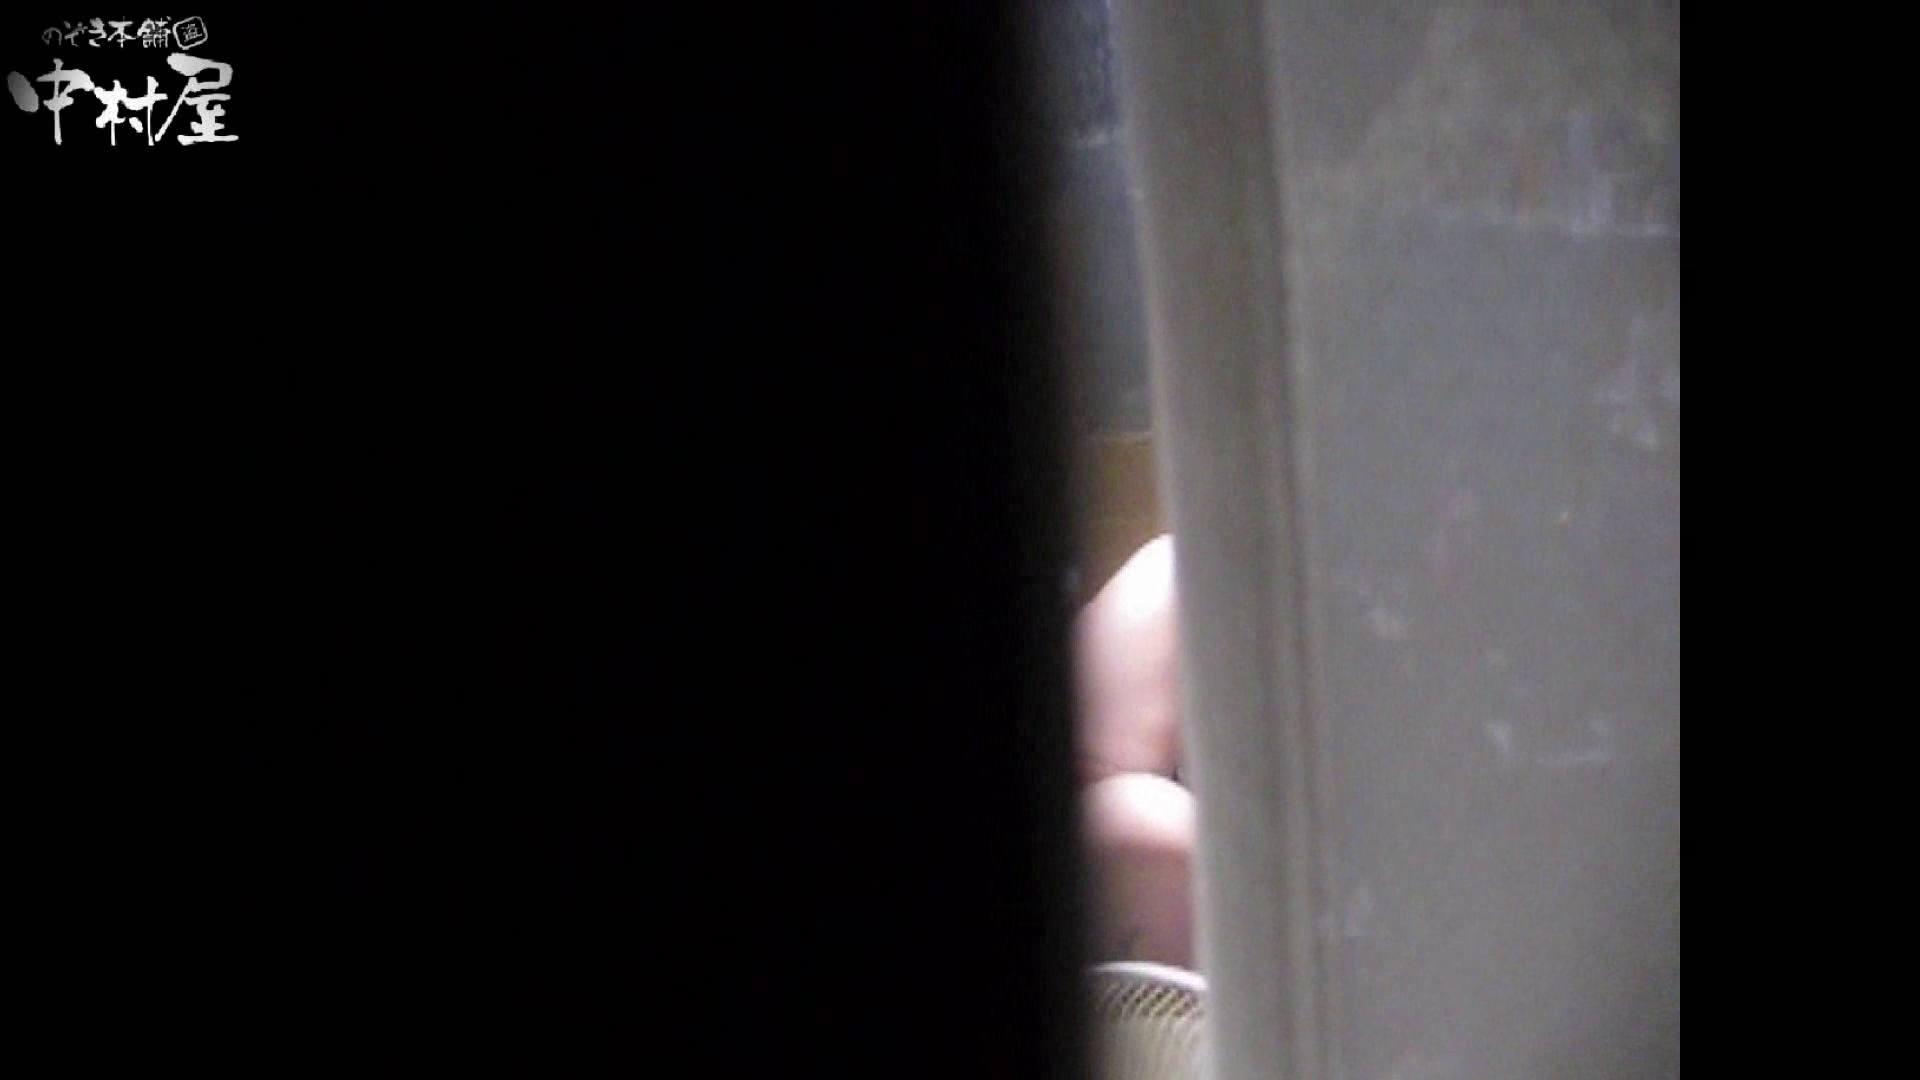 民家風呂専門盗撮師の超危険映像 vol.021 OL女体 覗きおまんこ画像 95連発 74